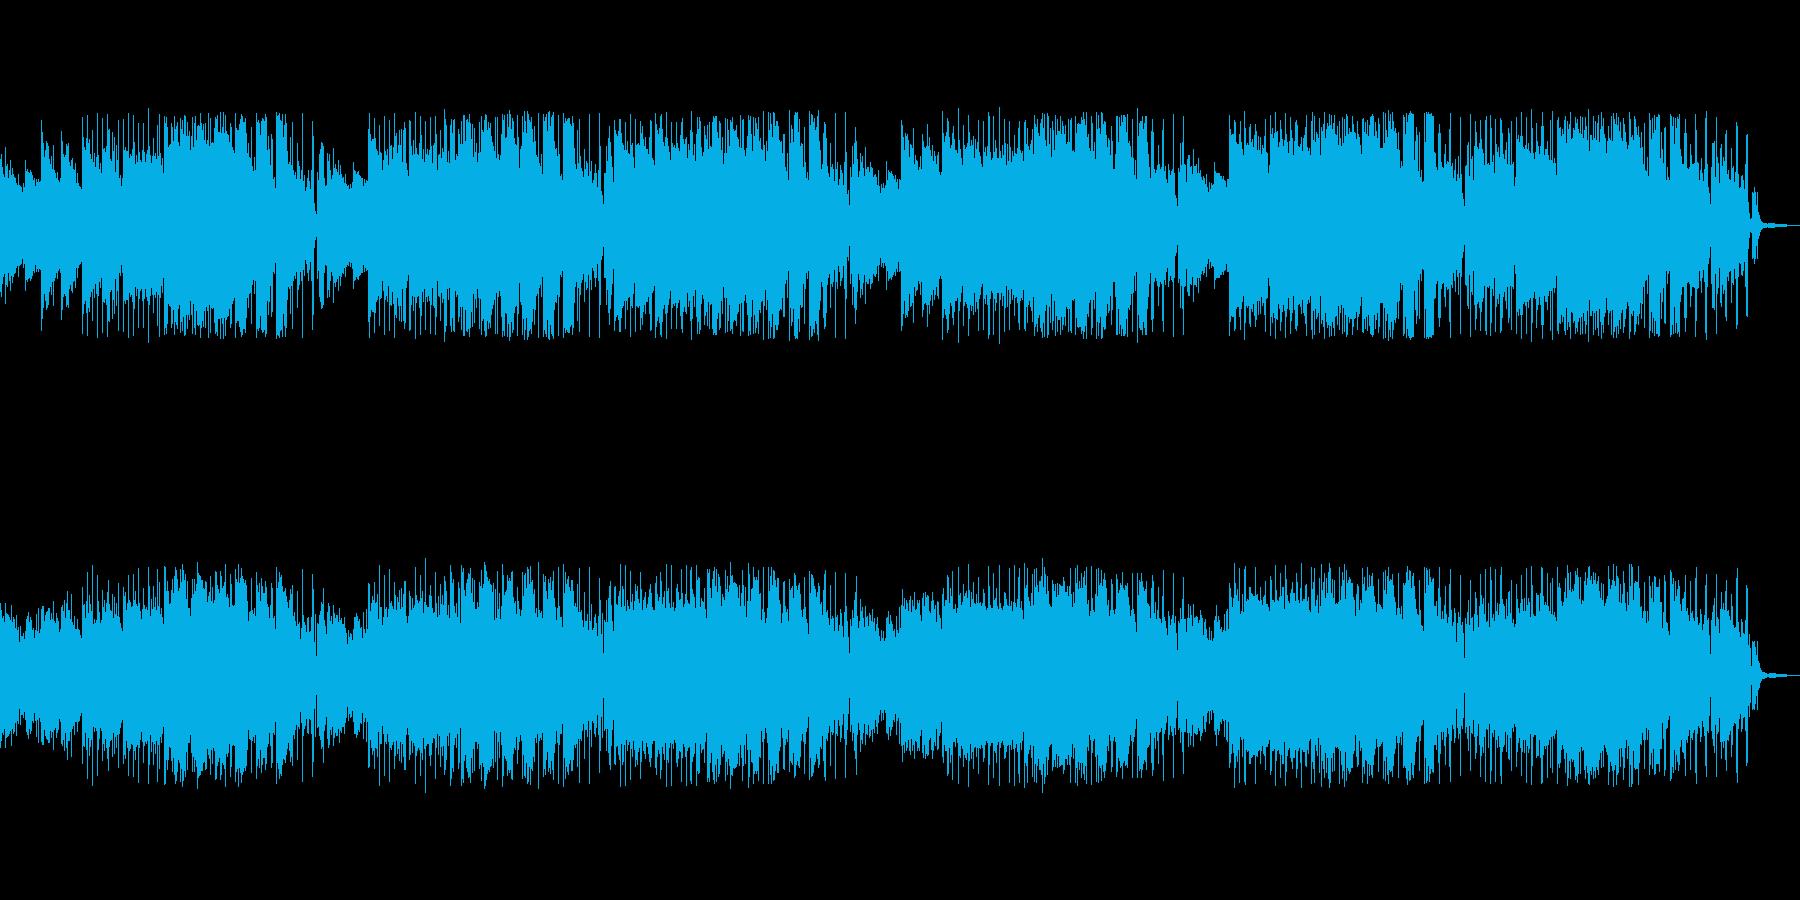 リンゴの木をイメージした感じの曲の再生済みの波形